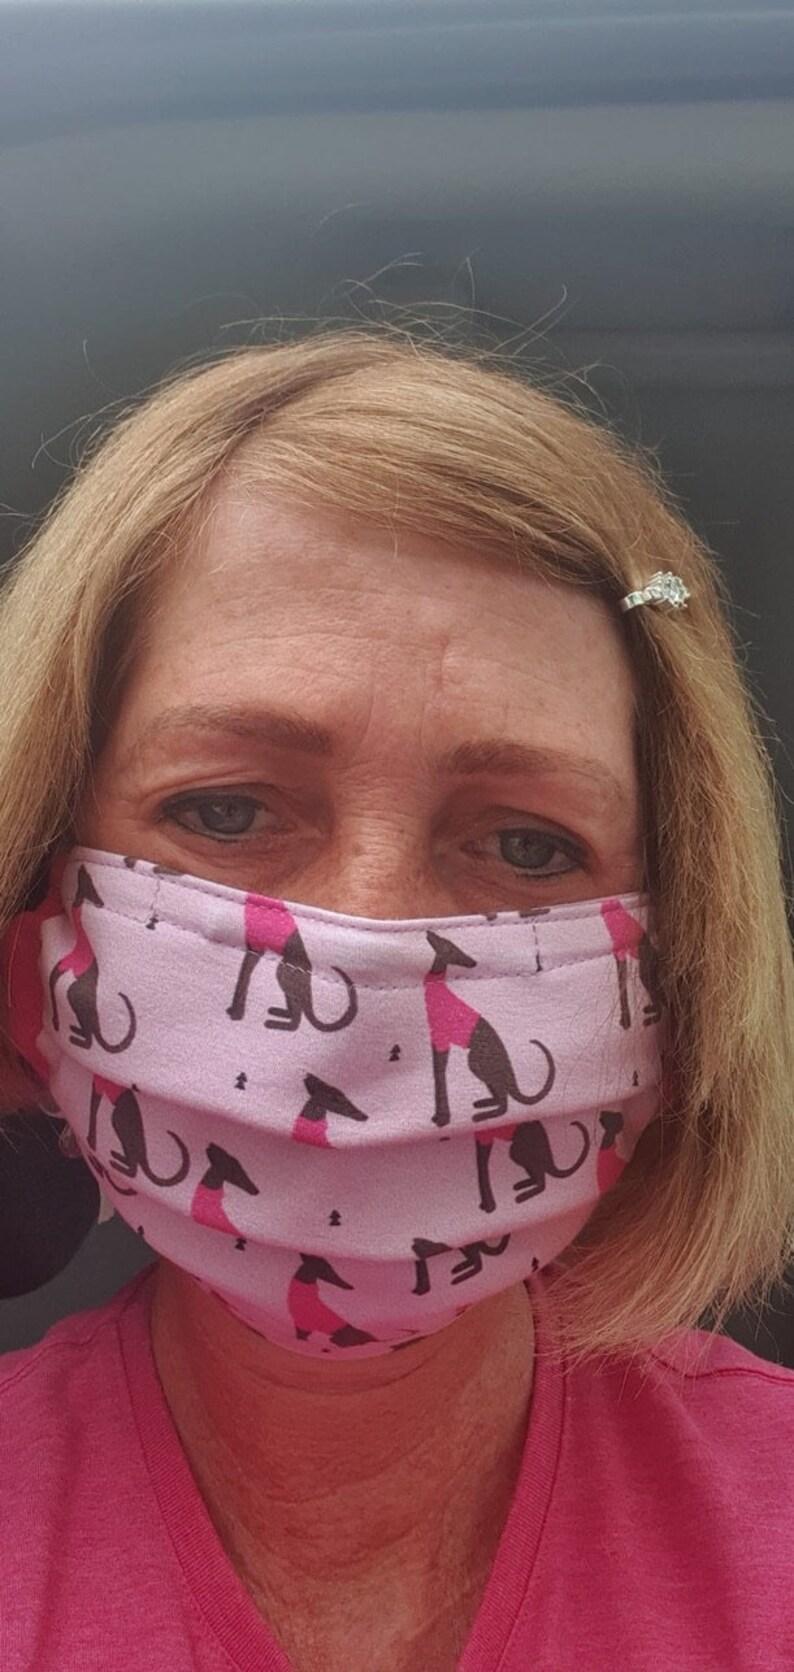 112Carlota galgos face mask Sitting galgos pink